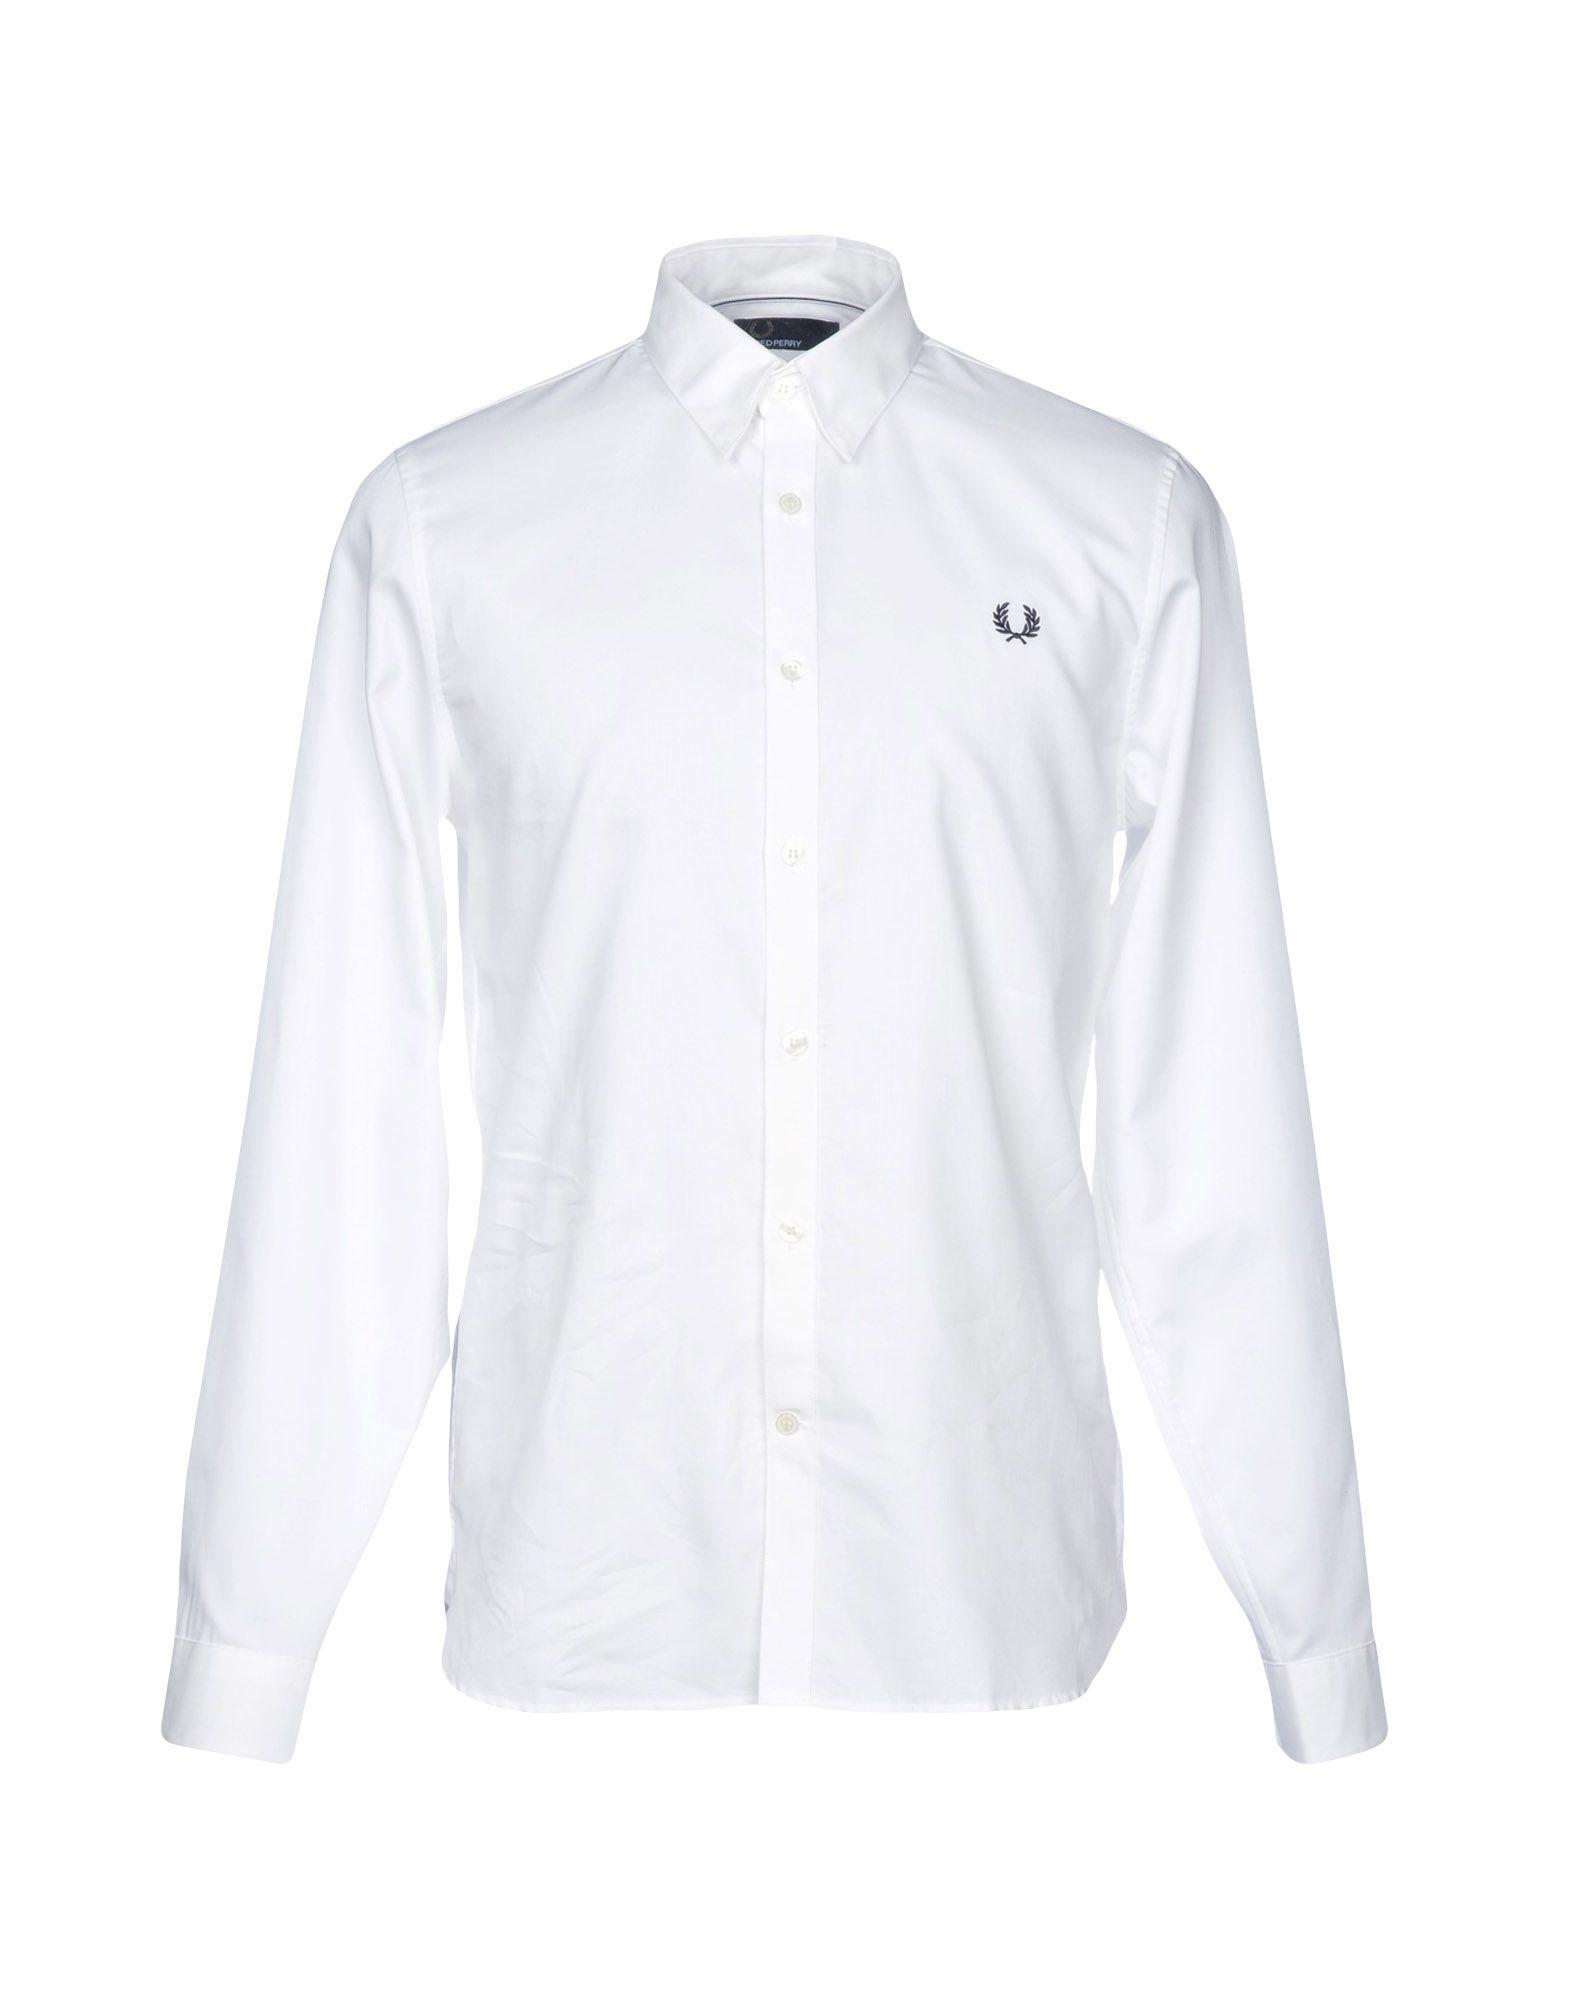 FRED PERRY メンズ シャツ ホワイト M コットン 100%